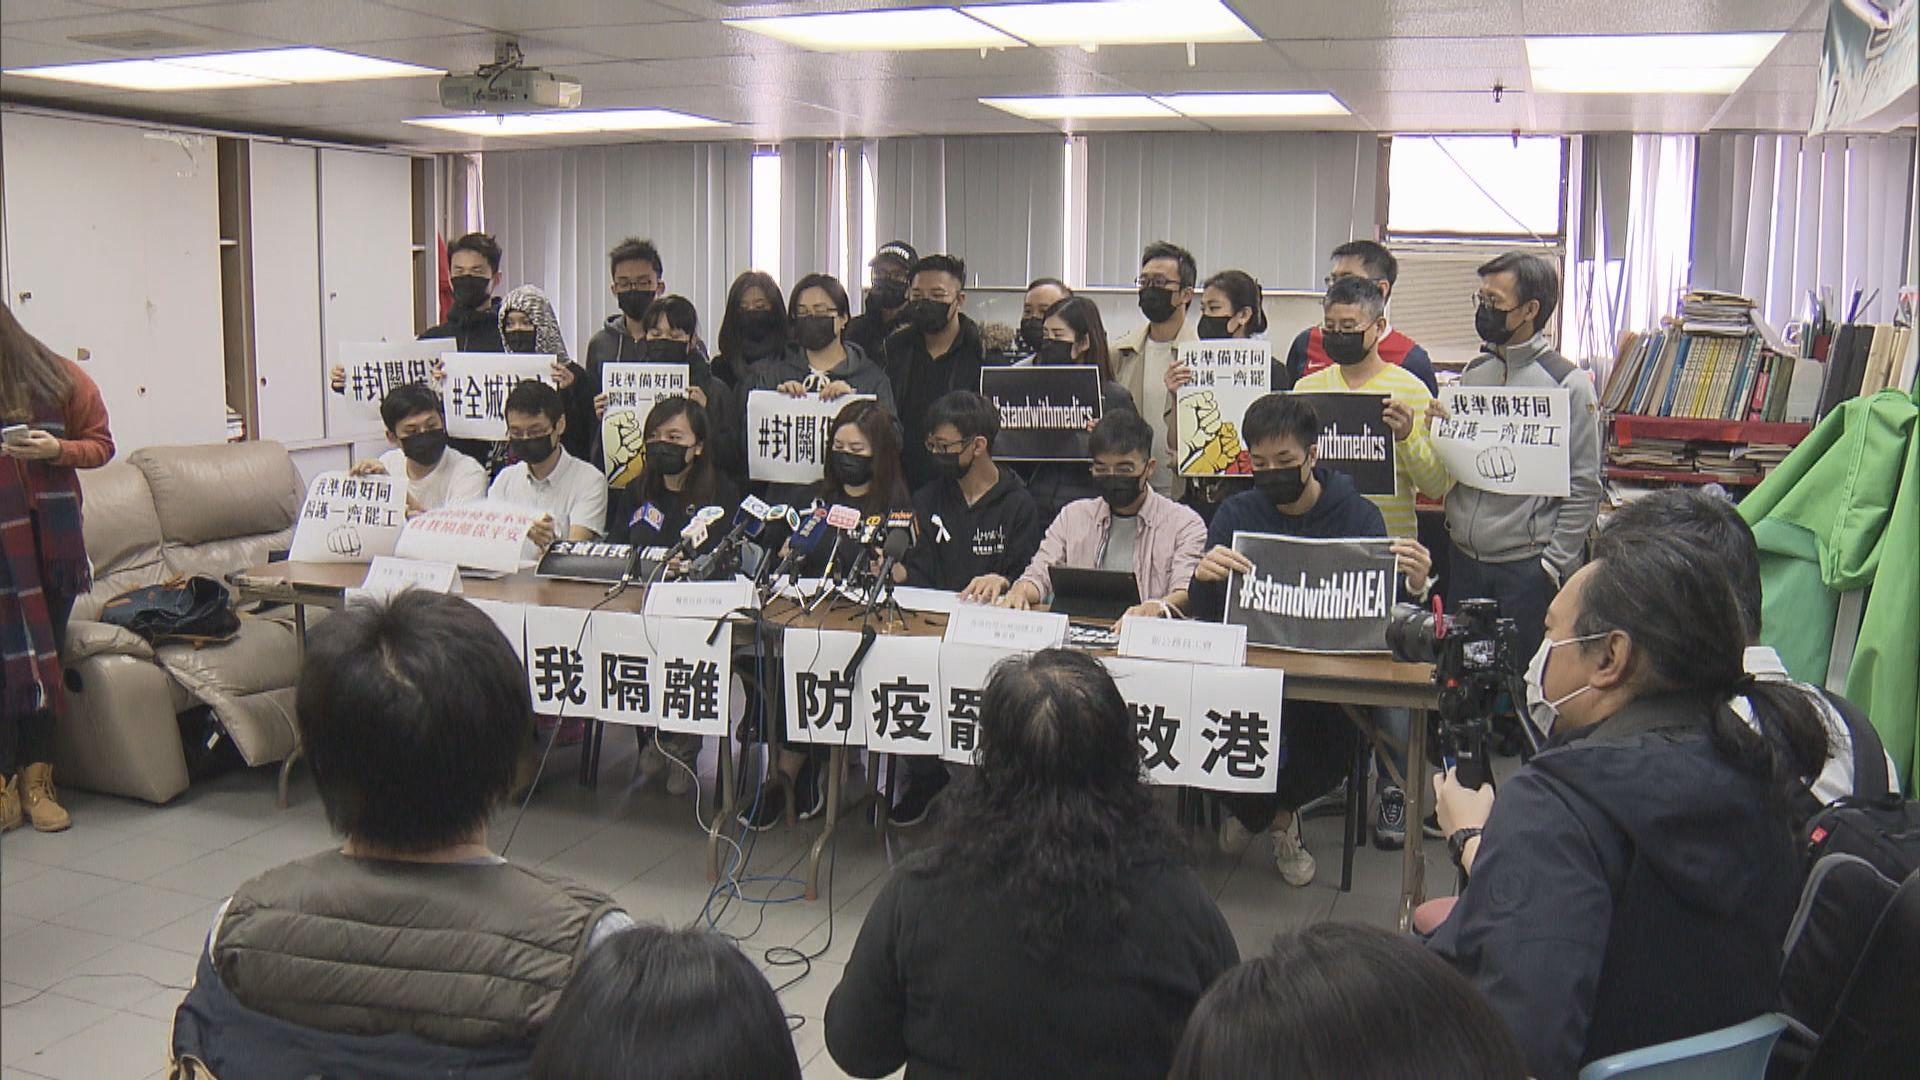 醫管局員工陣線周六會員大會表決罷工動議